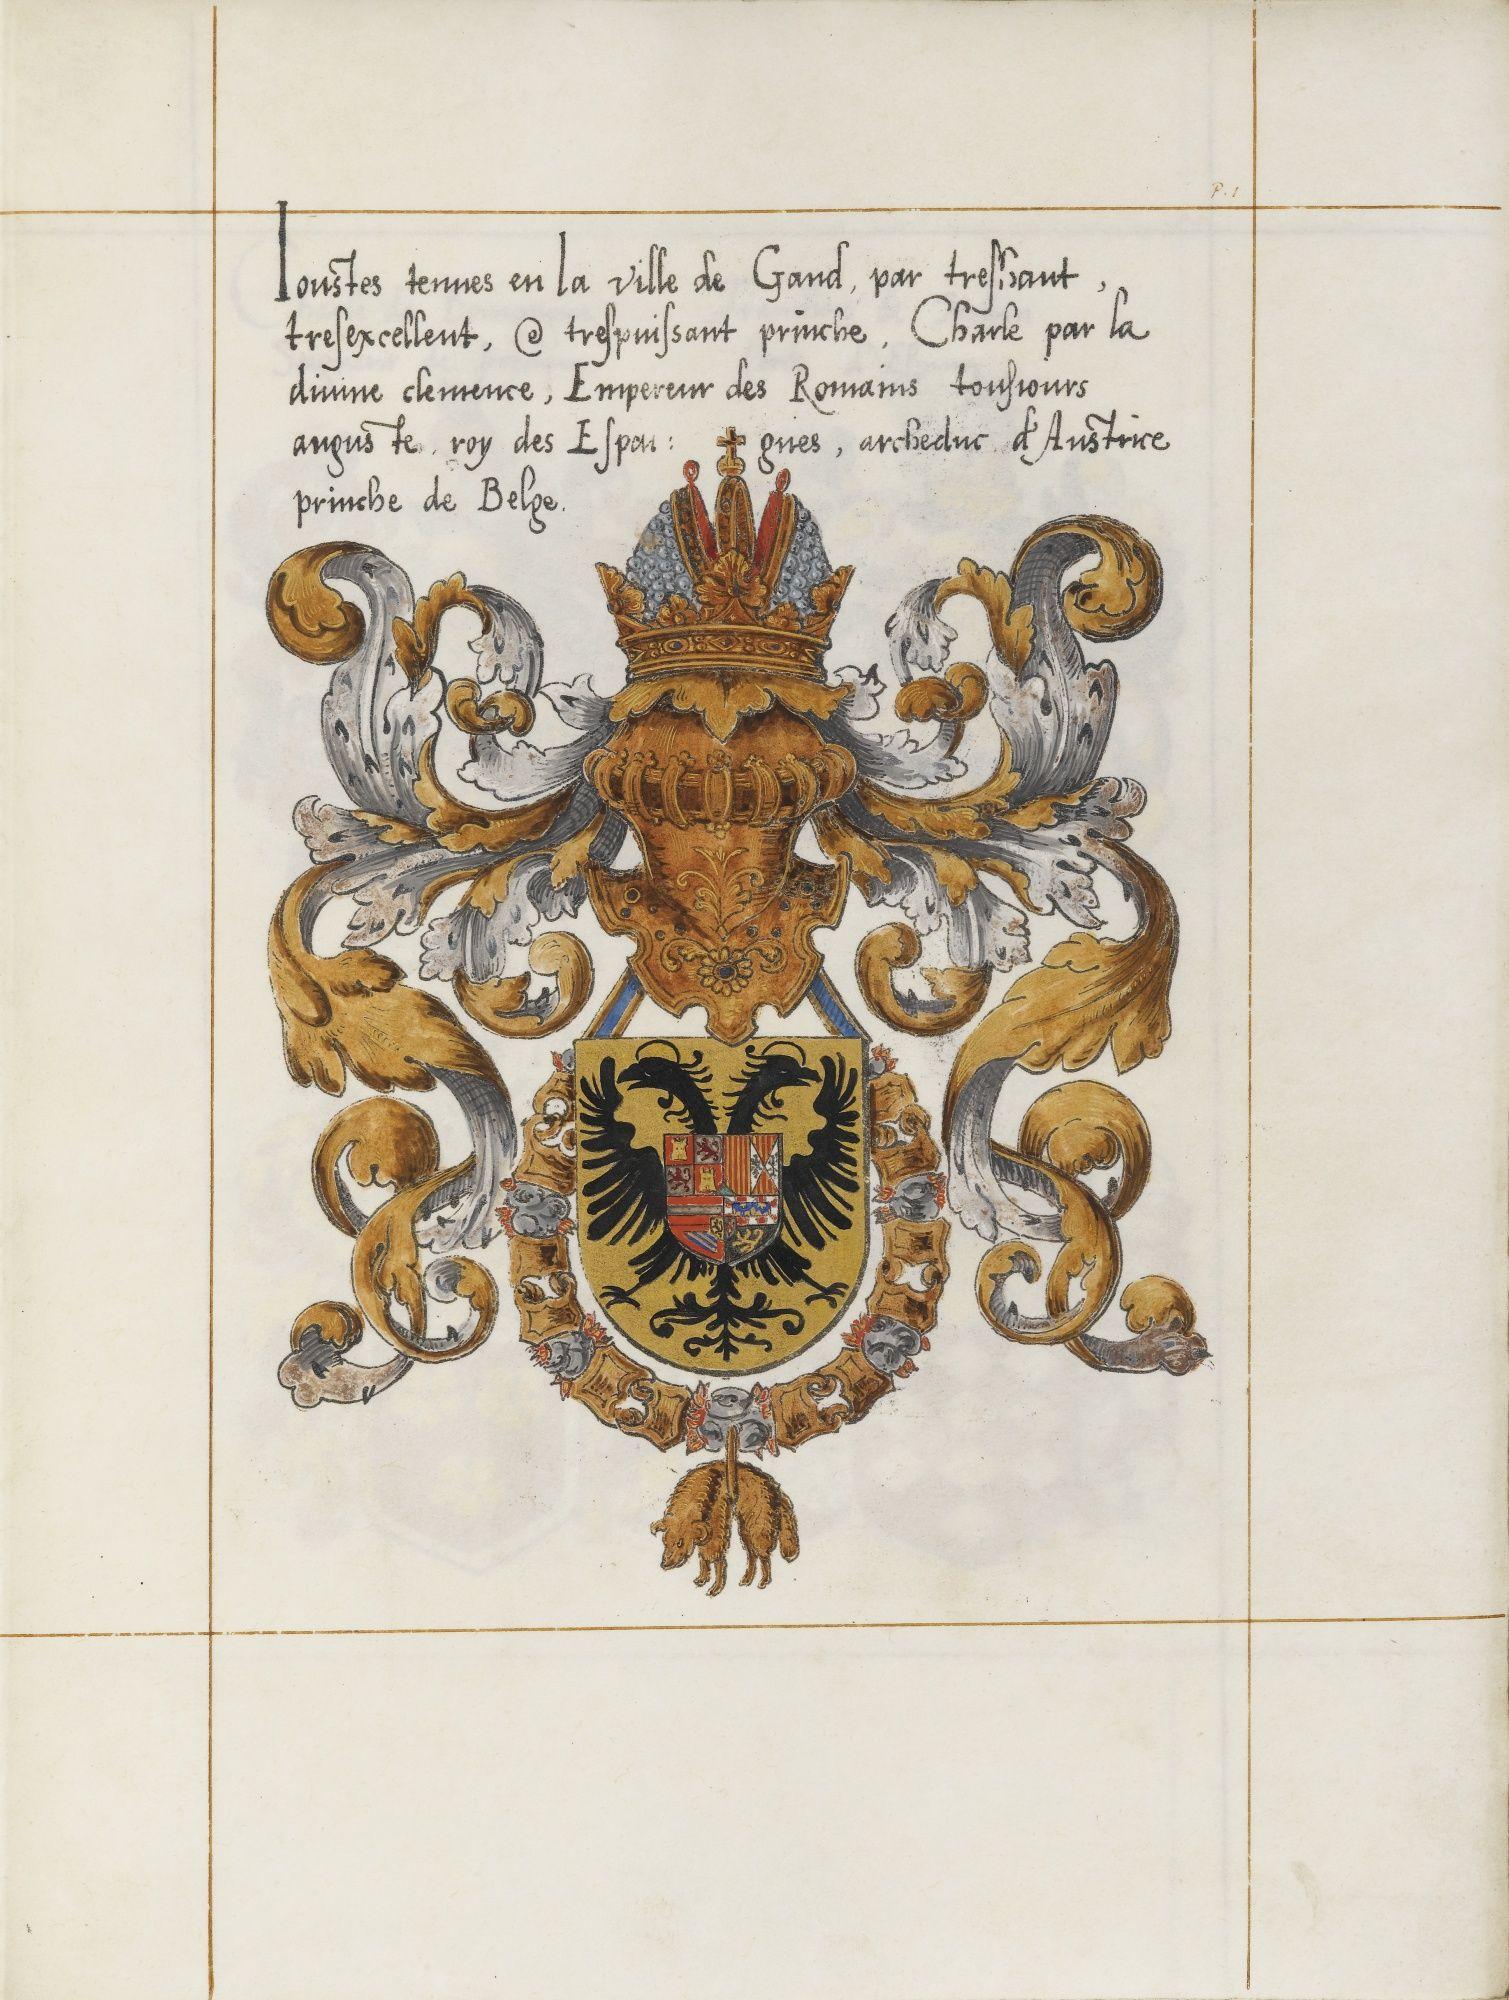 ARMORIAL DES TOURNOIS. -- JOUSTE FAICTE A TOURNAY L'AN MIL TROIS CENT TRENTE. FAC-SIMILÉ D'APRÈS UN MSS. PAR VICTOR BOUTON PEINTRE HÉRALDIQUE ET PALÉOGRAPHE. PARIS, L'AUTEUR, 1870. -- NOM, SURNOMS ET ARMES DES NOBLES ROIS DE L'ÉPINETTE PRÉCÉDÉS DE L'ORDONNANCE DE 1429 ET DES LETTRES PATENTES DONNÉES À BRUXELLES EN 1516. PARIS, L'AUTEUR, 1870-1871. -- CONFRAIRIE [SIC] DES PARTISANS DE PHILLIPE LE BON, DUC DE BOURGOGNE, 1421. BRUXELLES, L'EDITEUR, 1872.